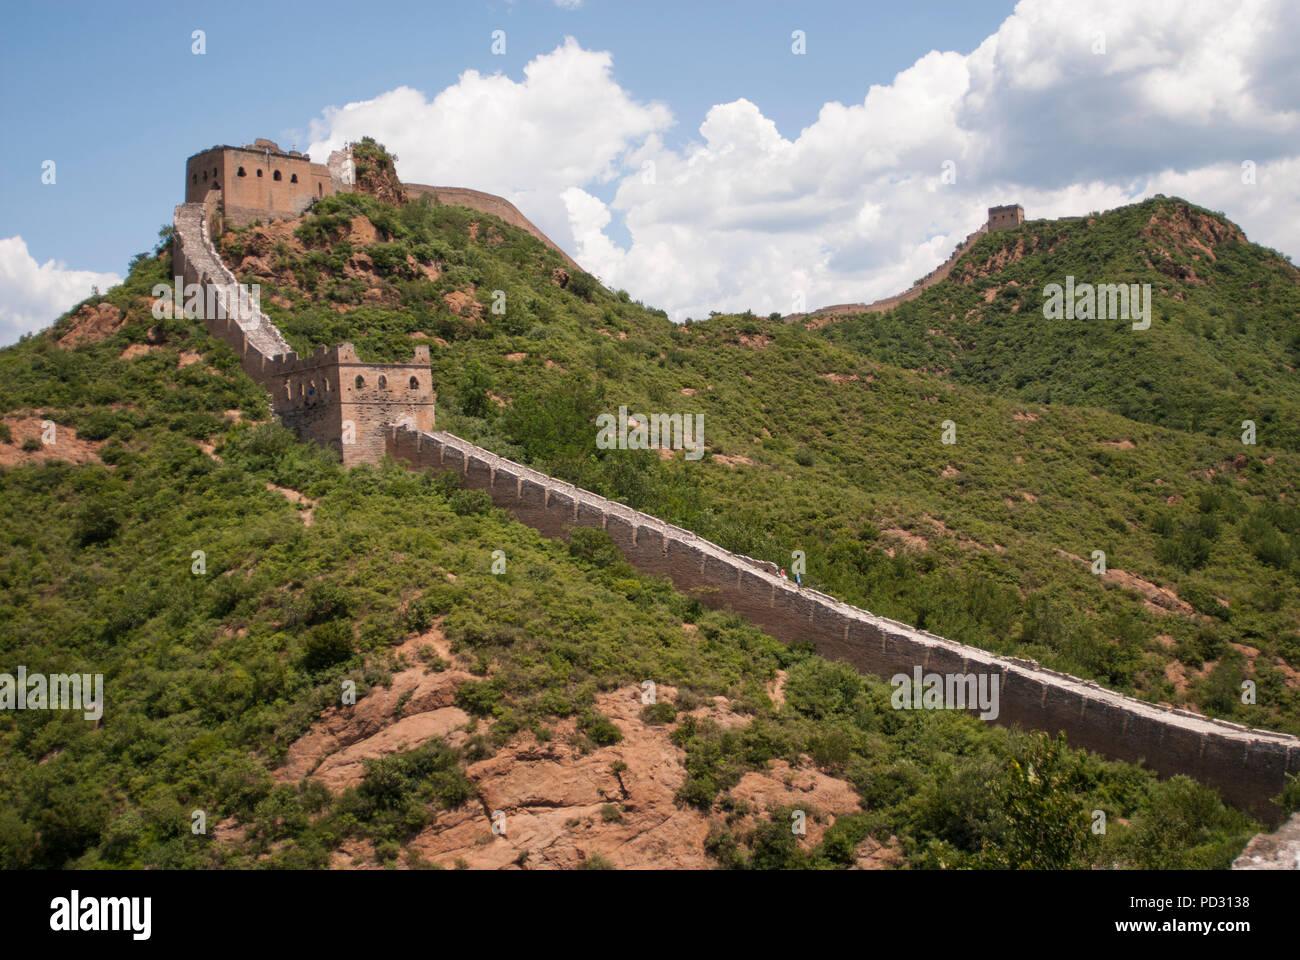 Die Große Mauer bei Jinshanling, einem beliebten Wanderweg und eines der am besten erhaltenen Teile der Großen Mauer mit vielen Originaldetails. Stockbild